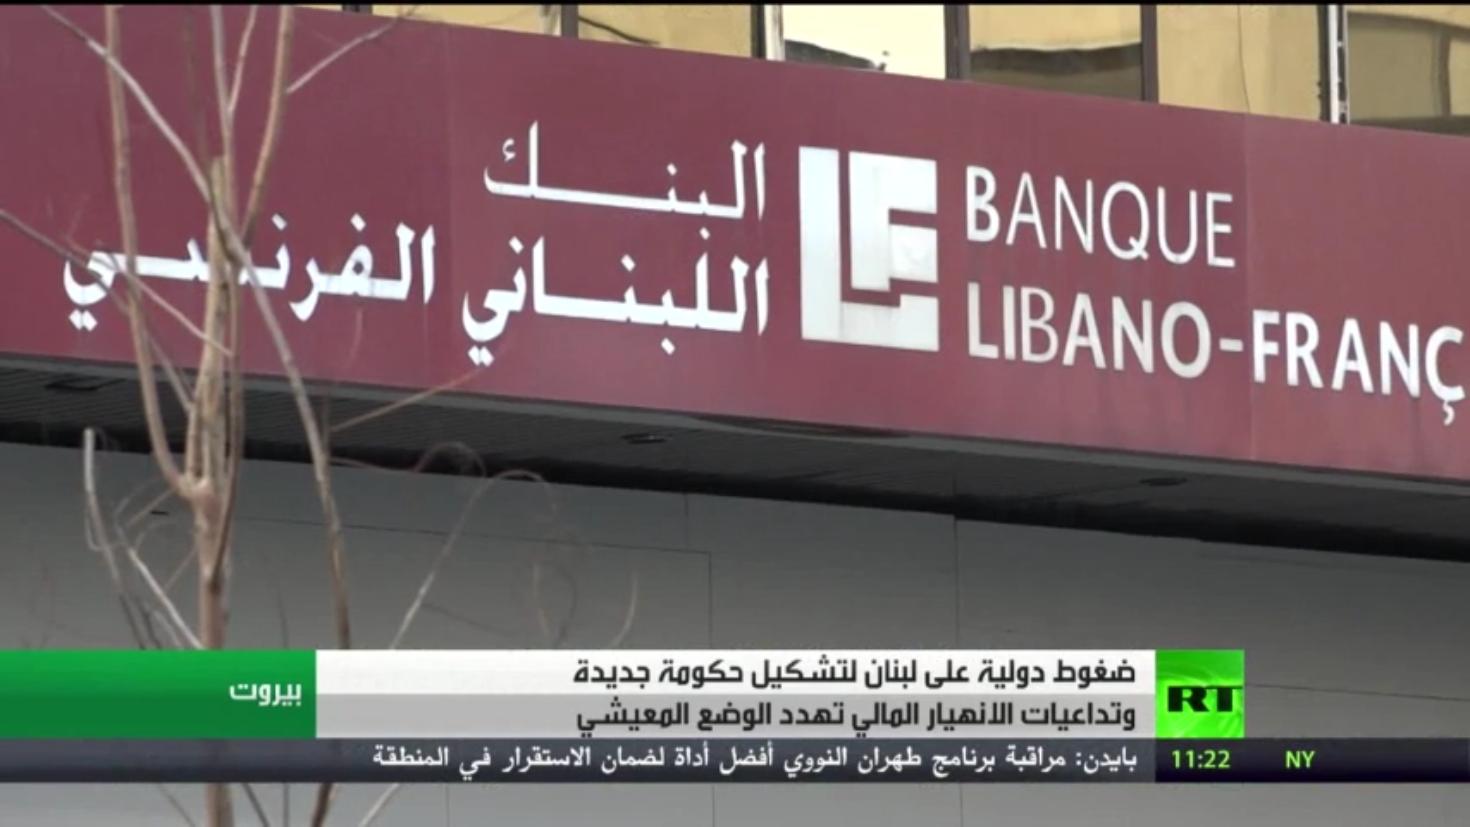 لبنان.. ترقب لنتائج مؤتمر مجموعة الدعم